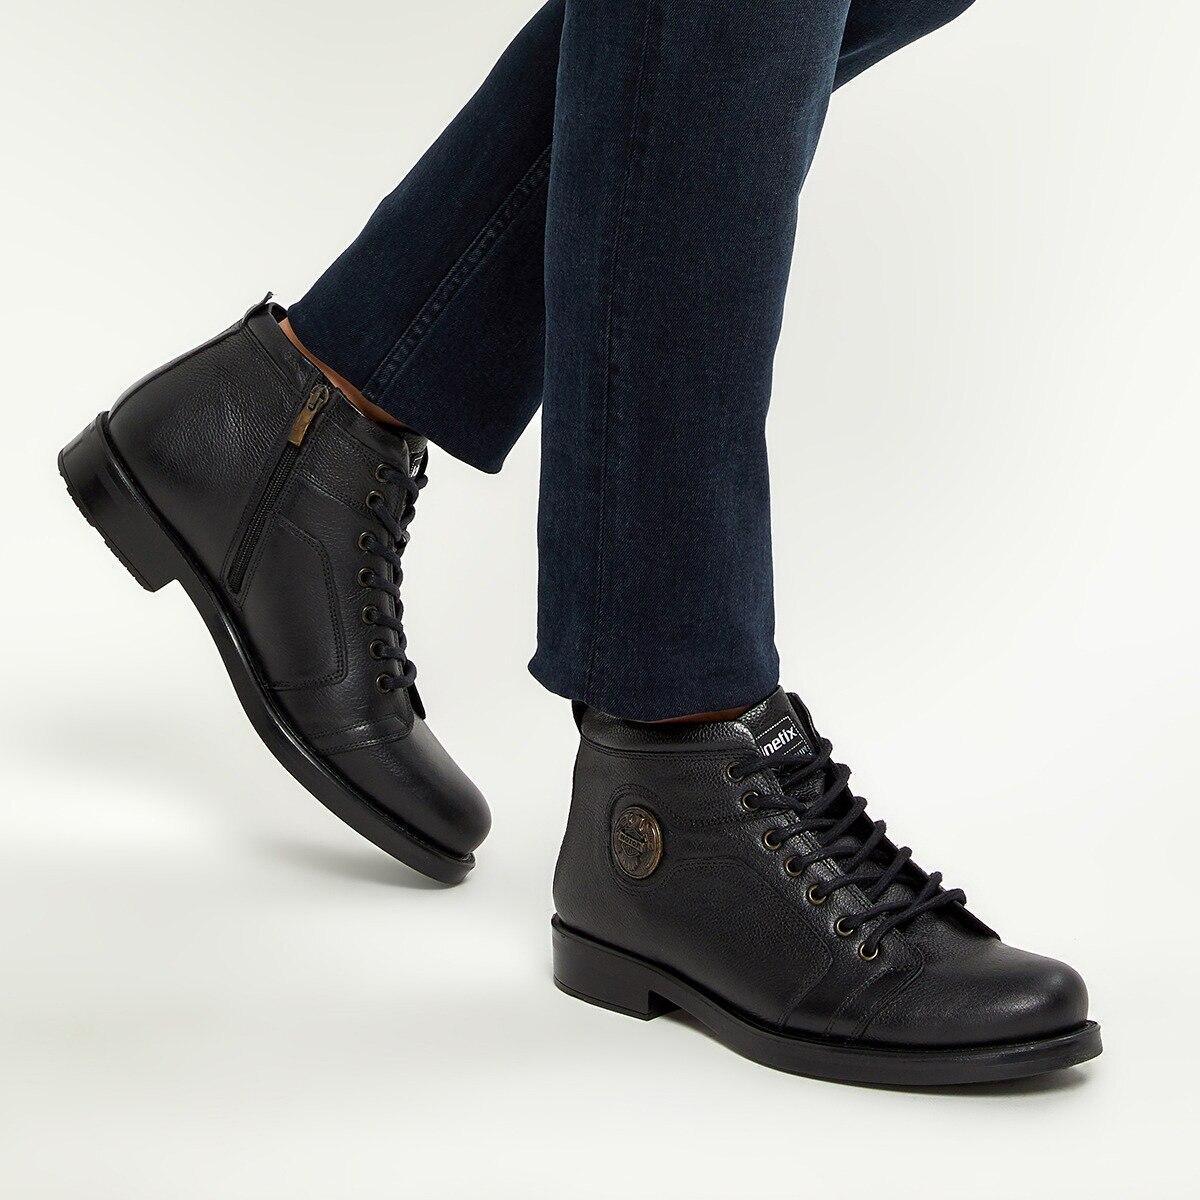 Flo kompan preto homem botas kinetix